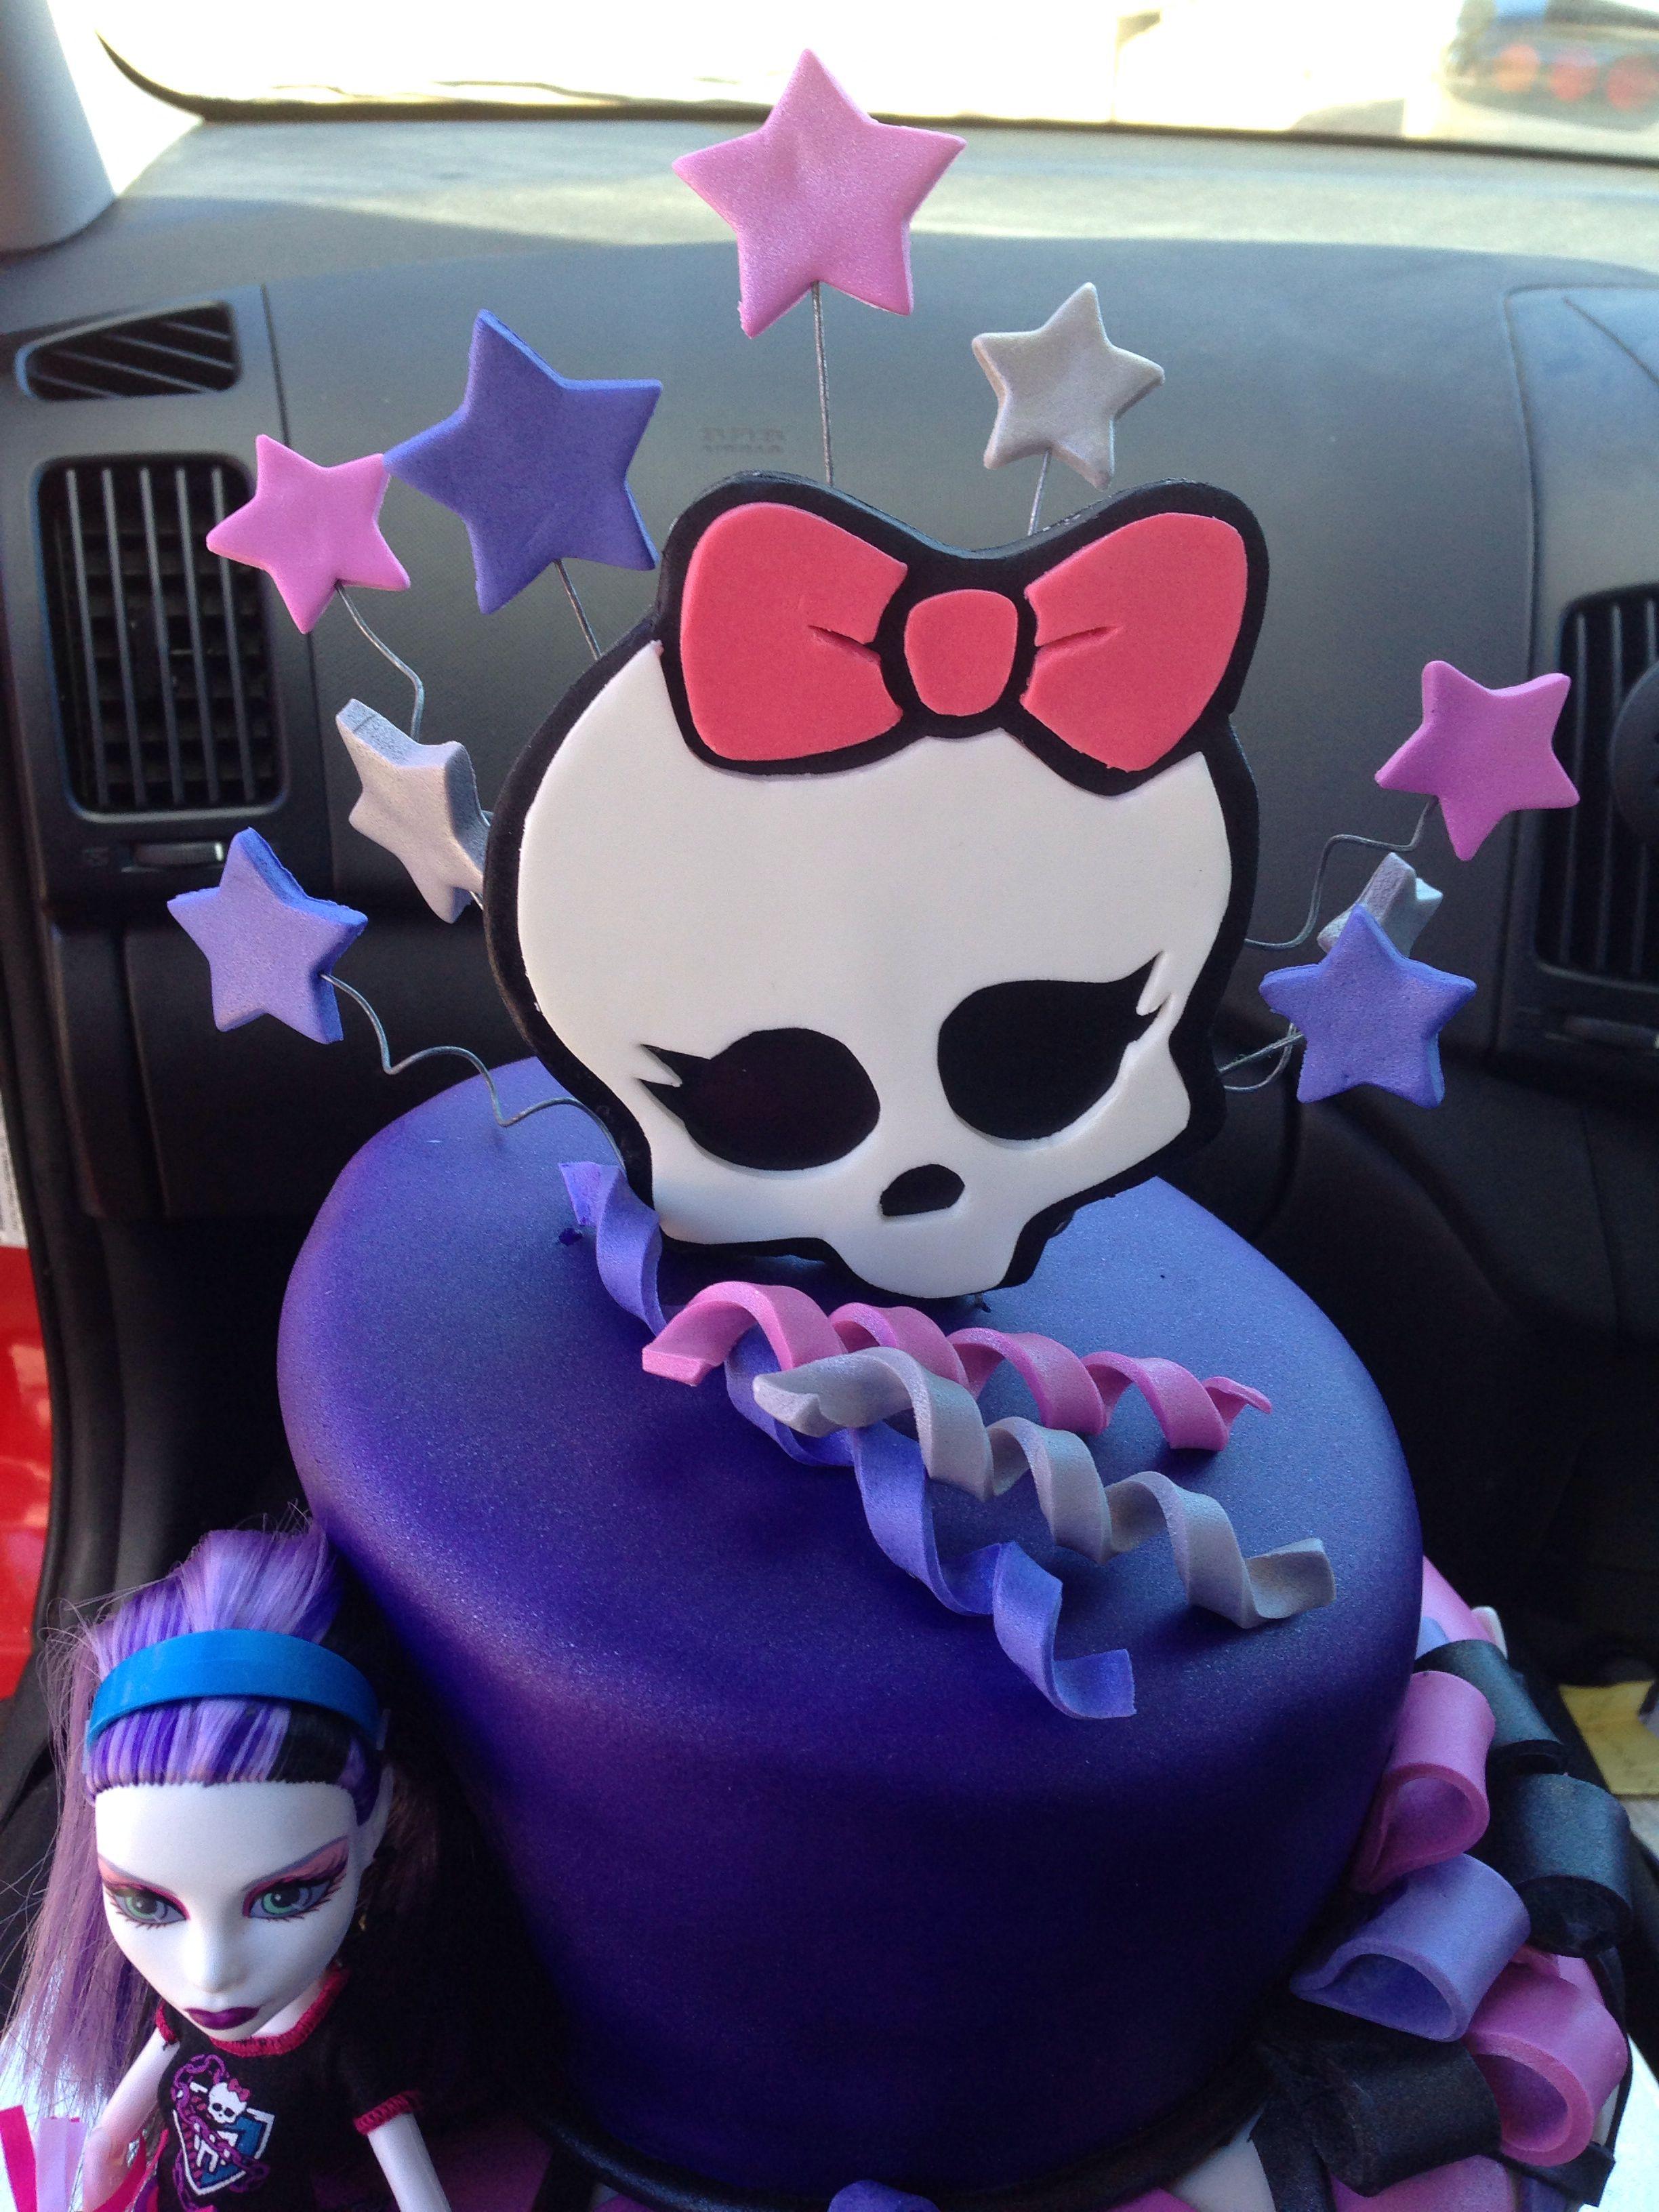 Monster high cake topper. #monsterhigh | Monster high cake ...